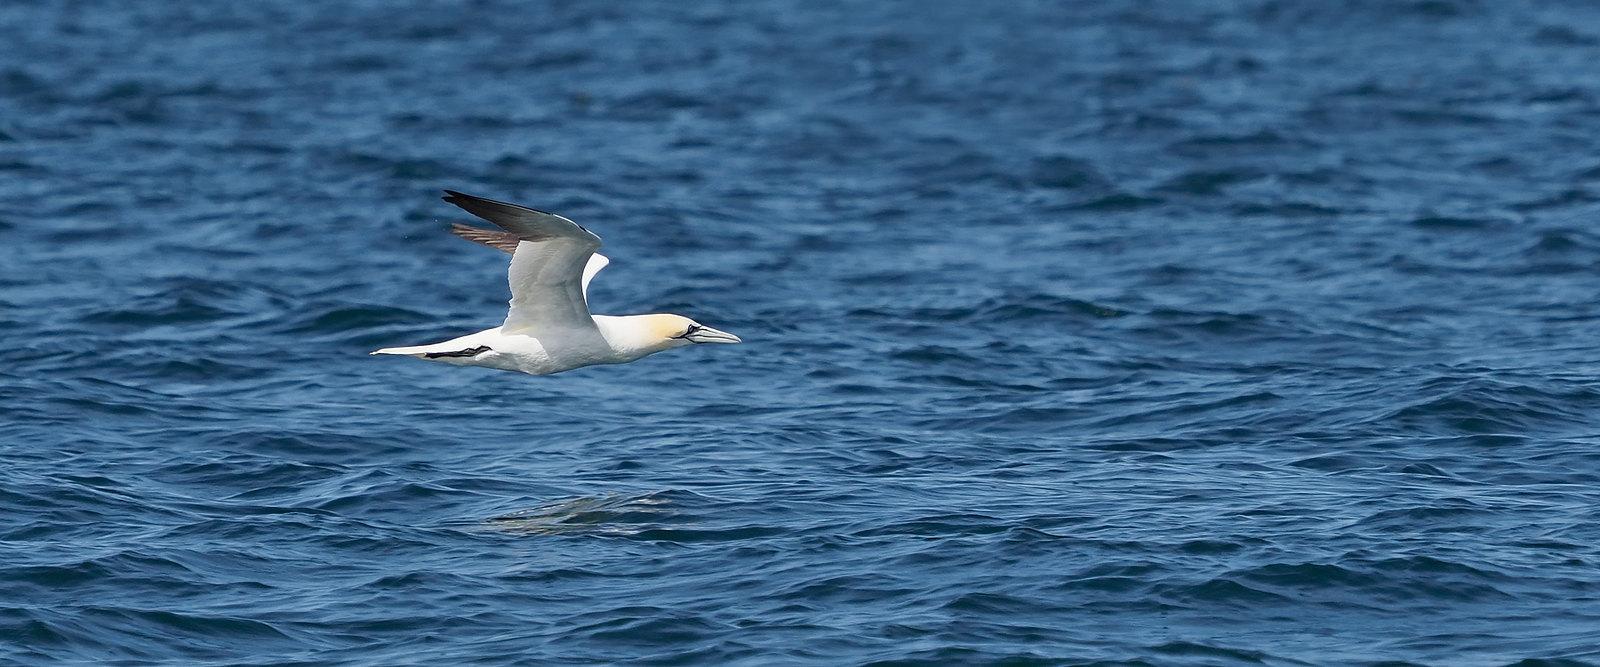 Gannet across the water